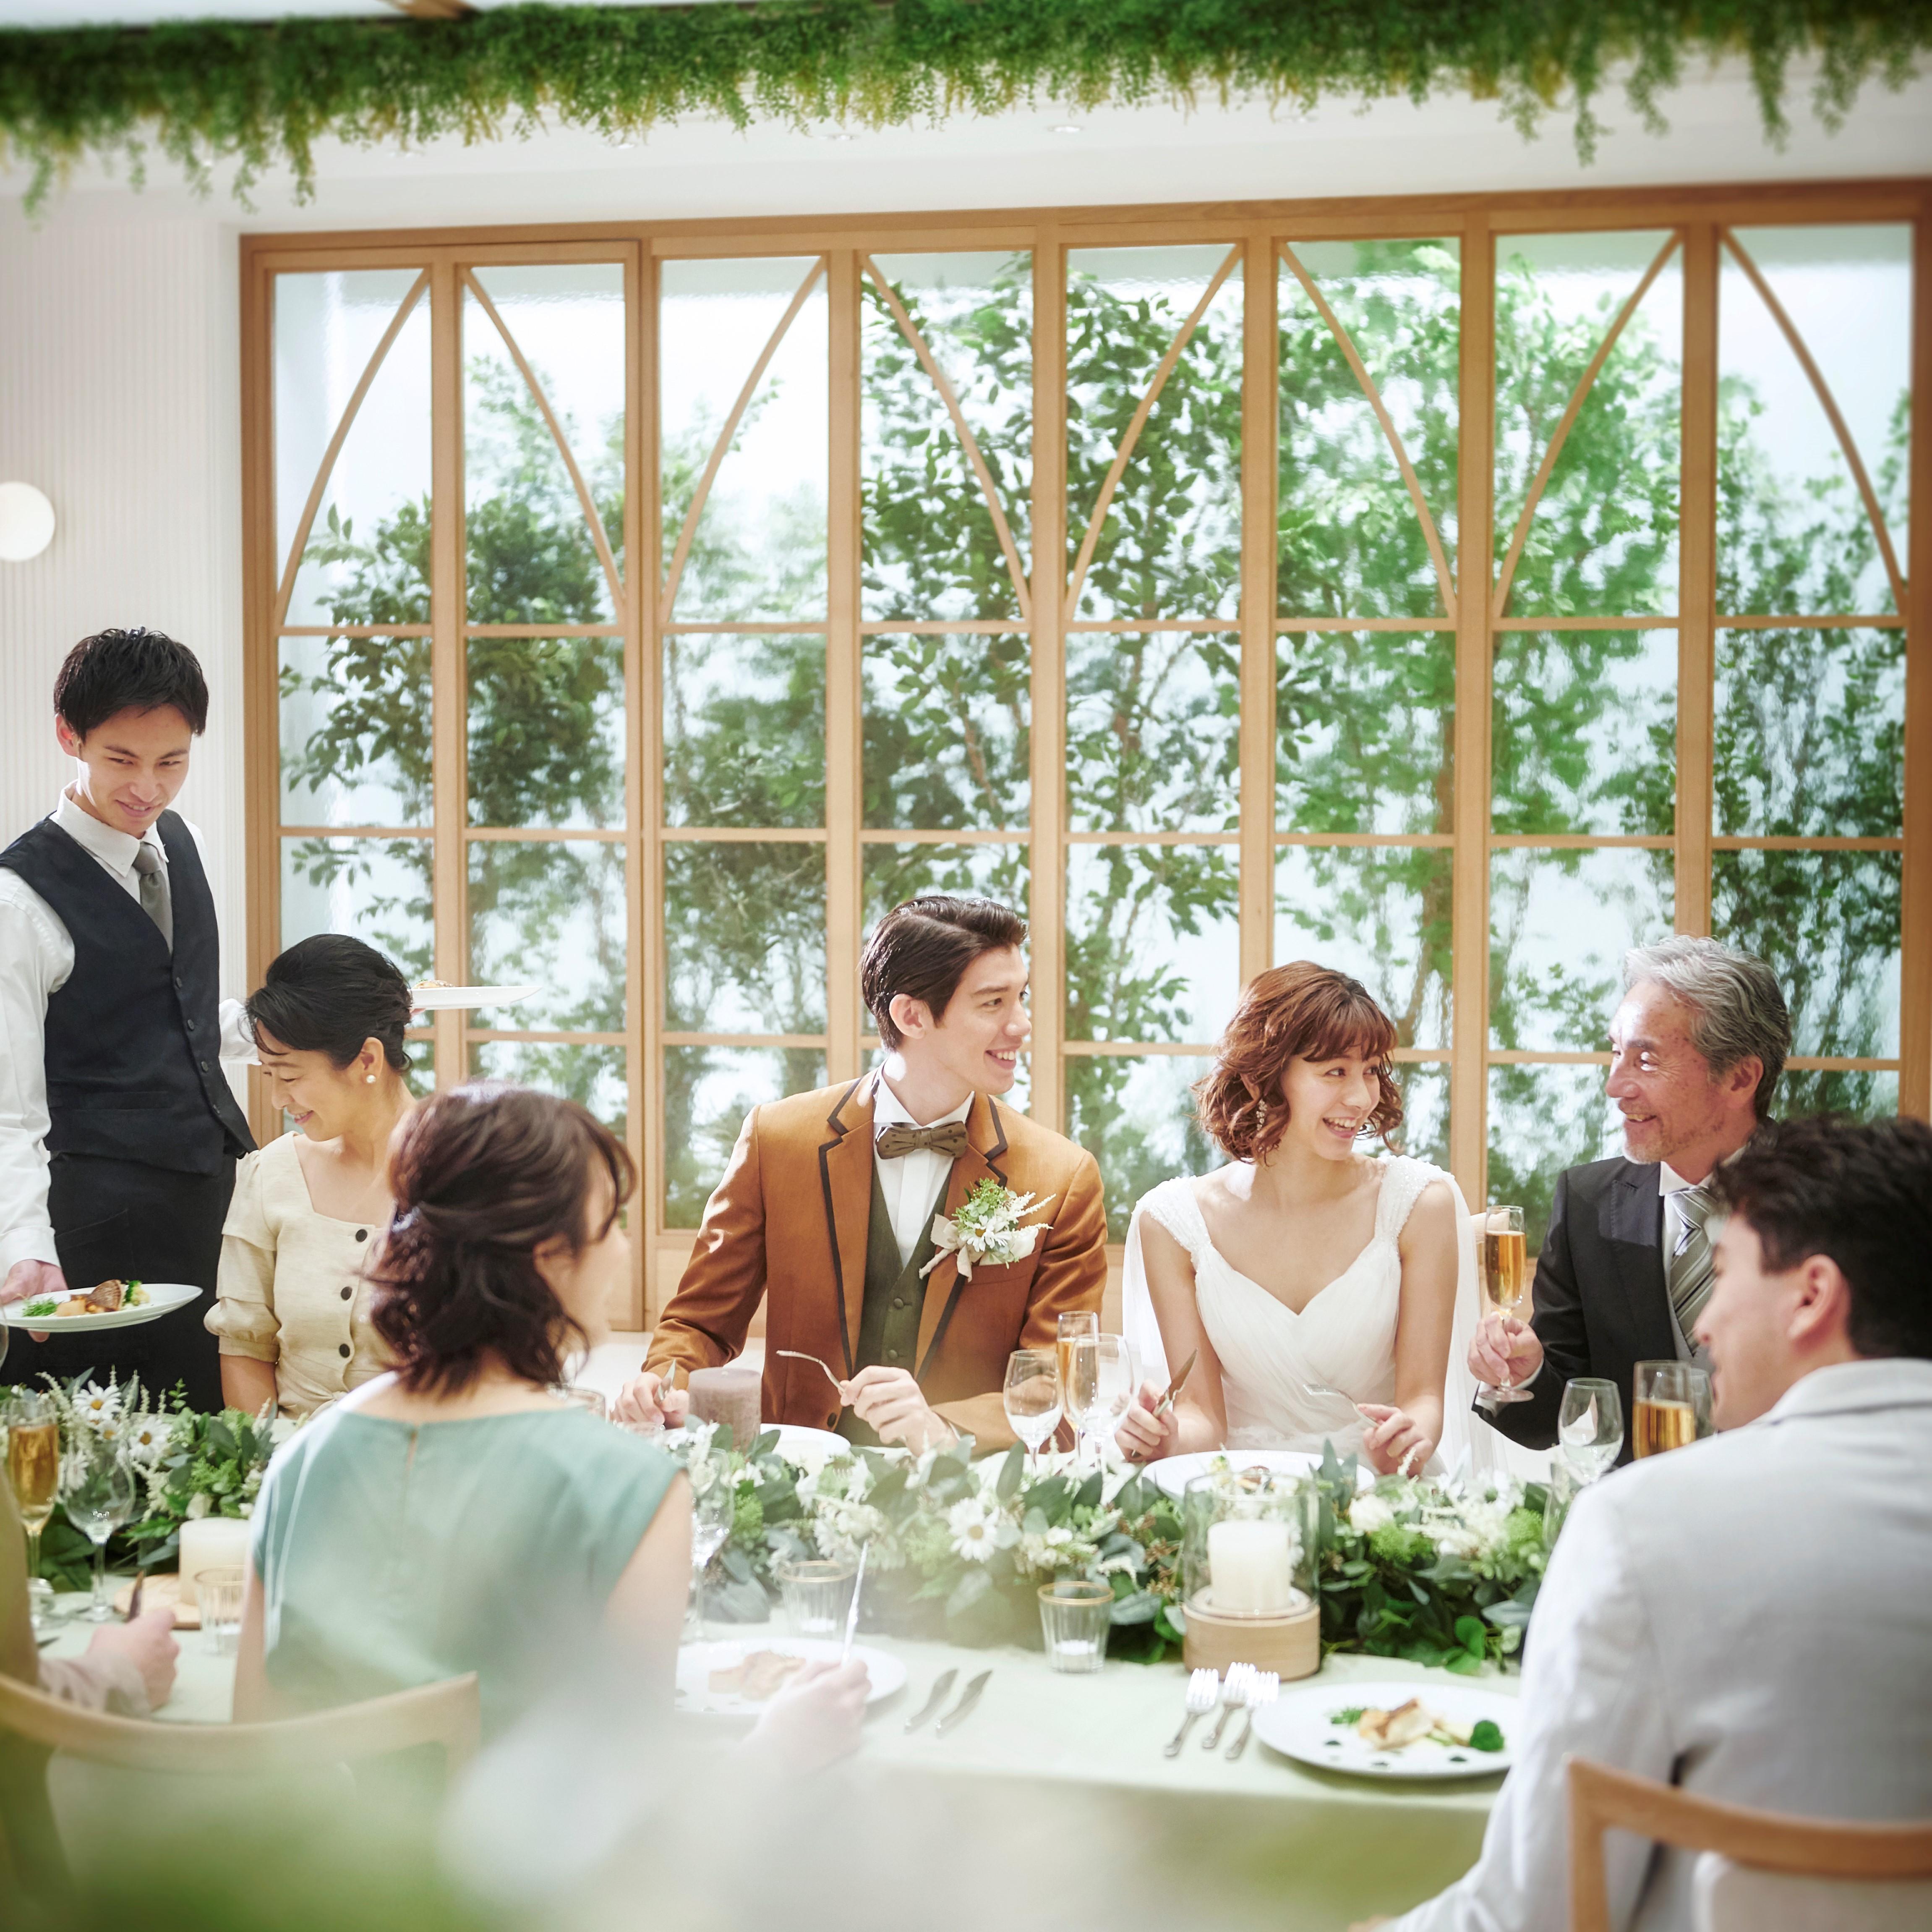 ★期間限定★2名~30名がオススメ【大切な方と温かい結婚式を】アットホーム会食プラン